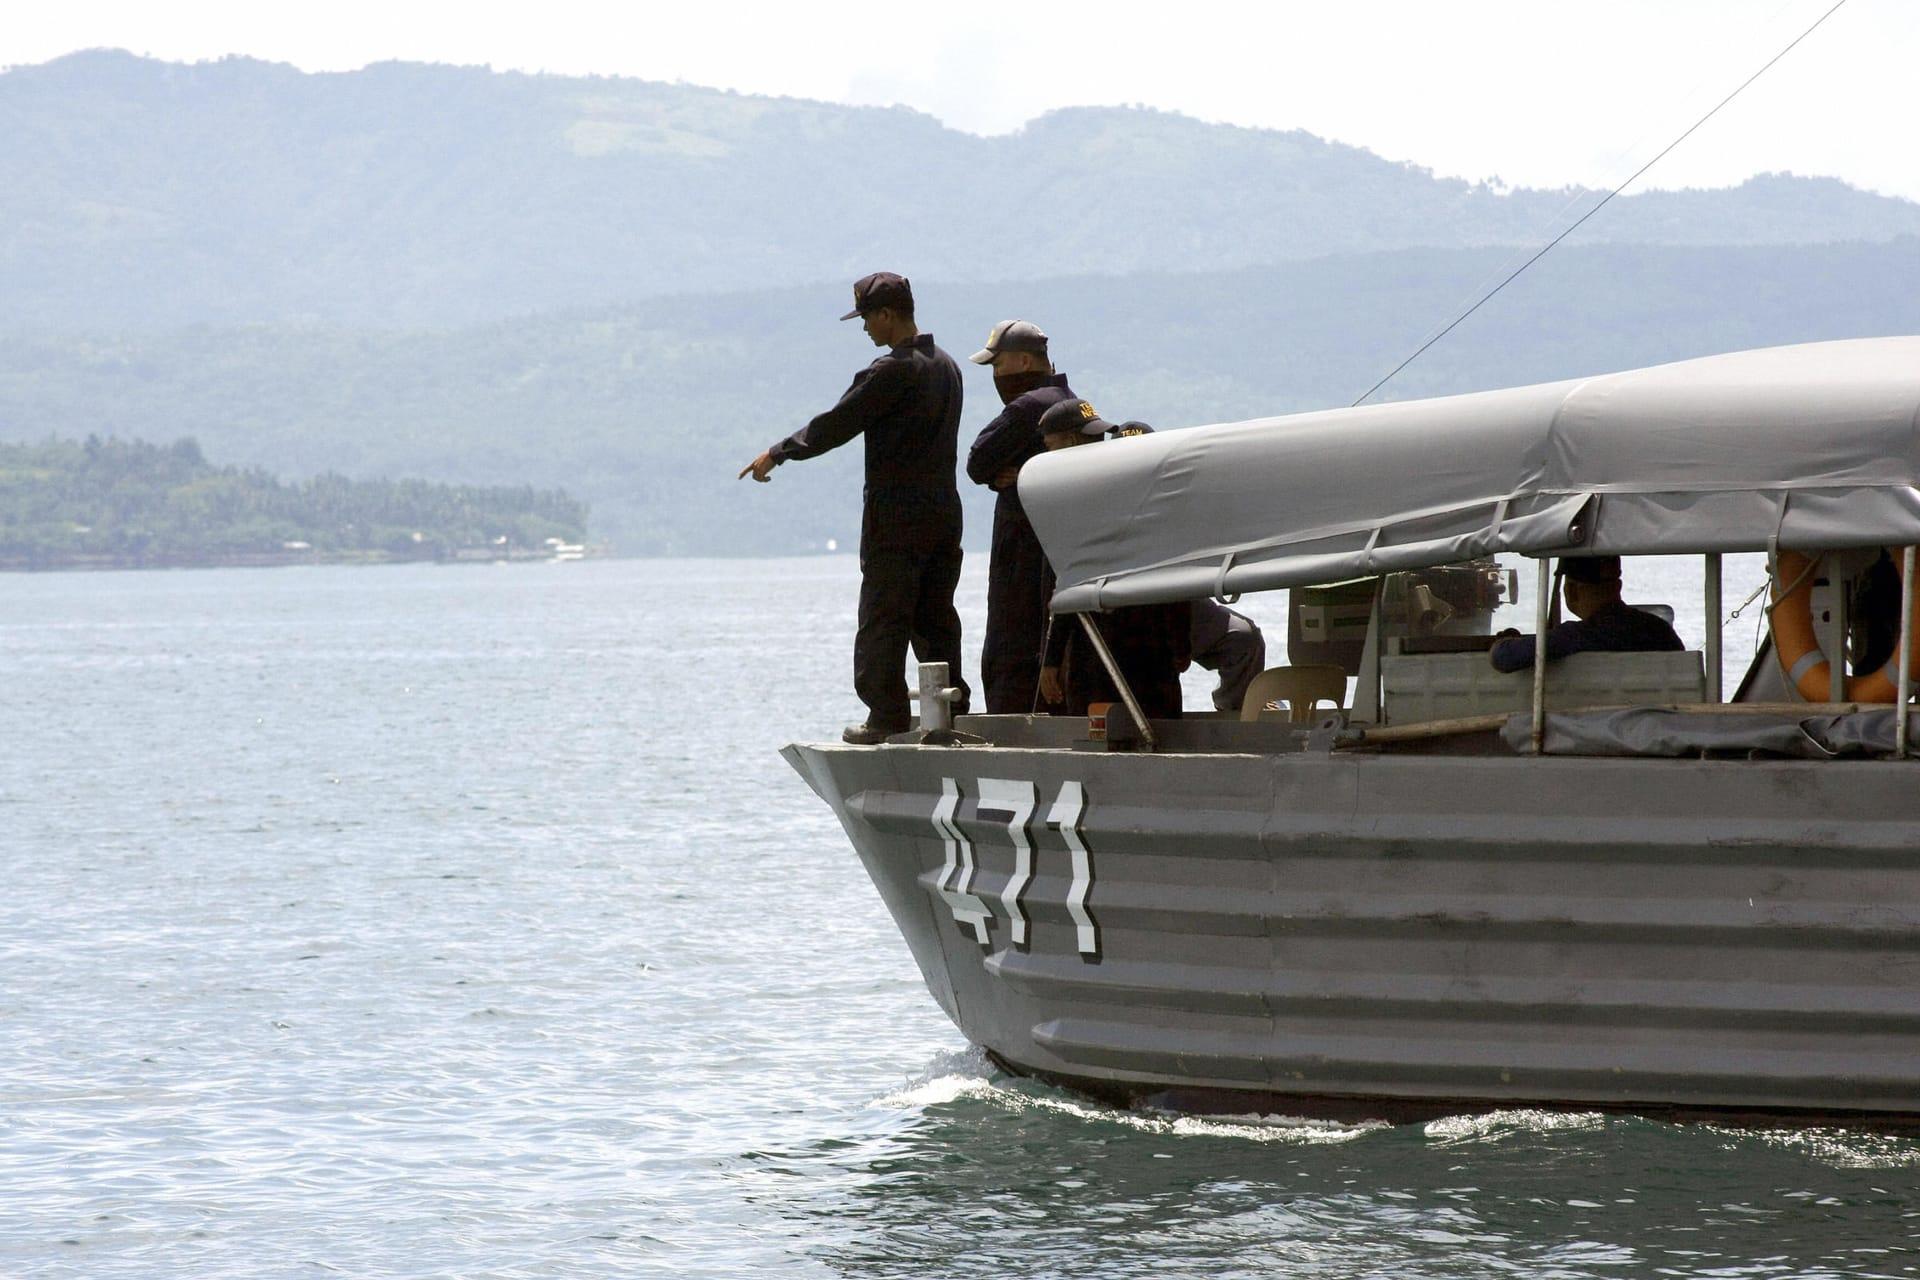 صورة ارشيفية لقارب بحث وانقاذ تابع للبحرية الفلبينية العام 2008